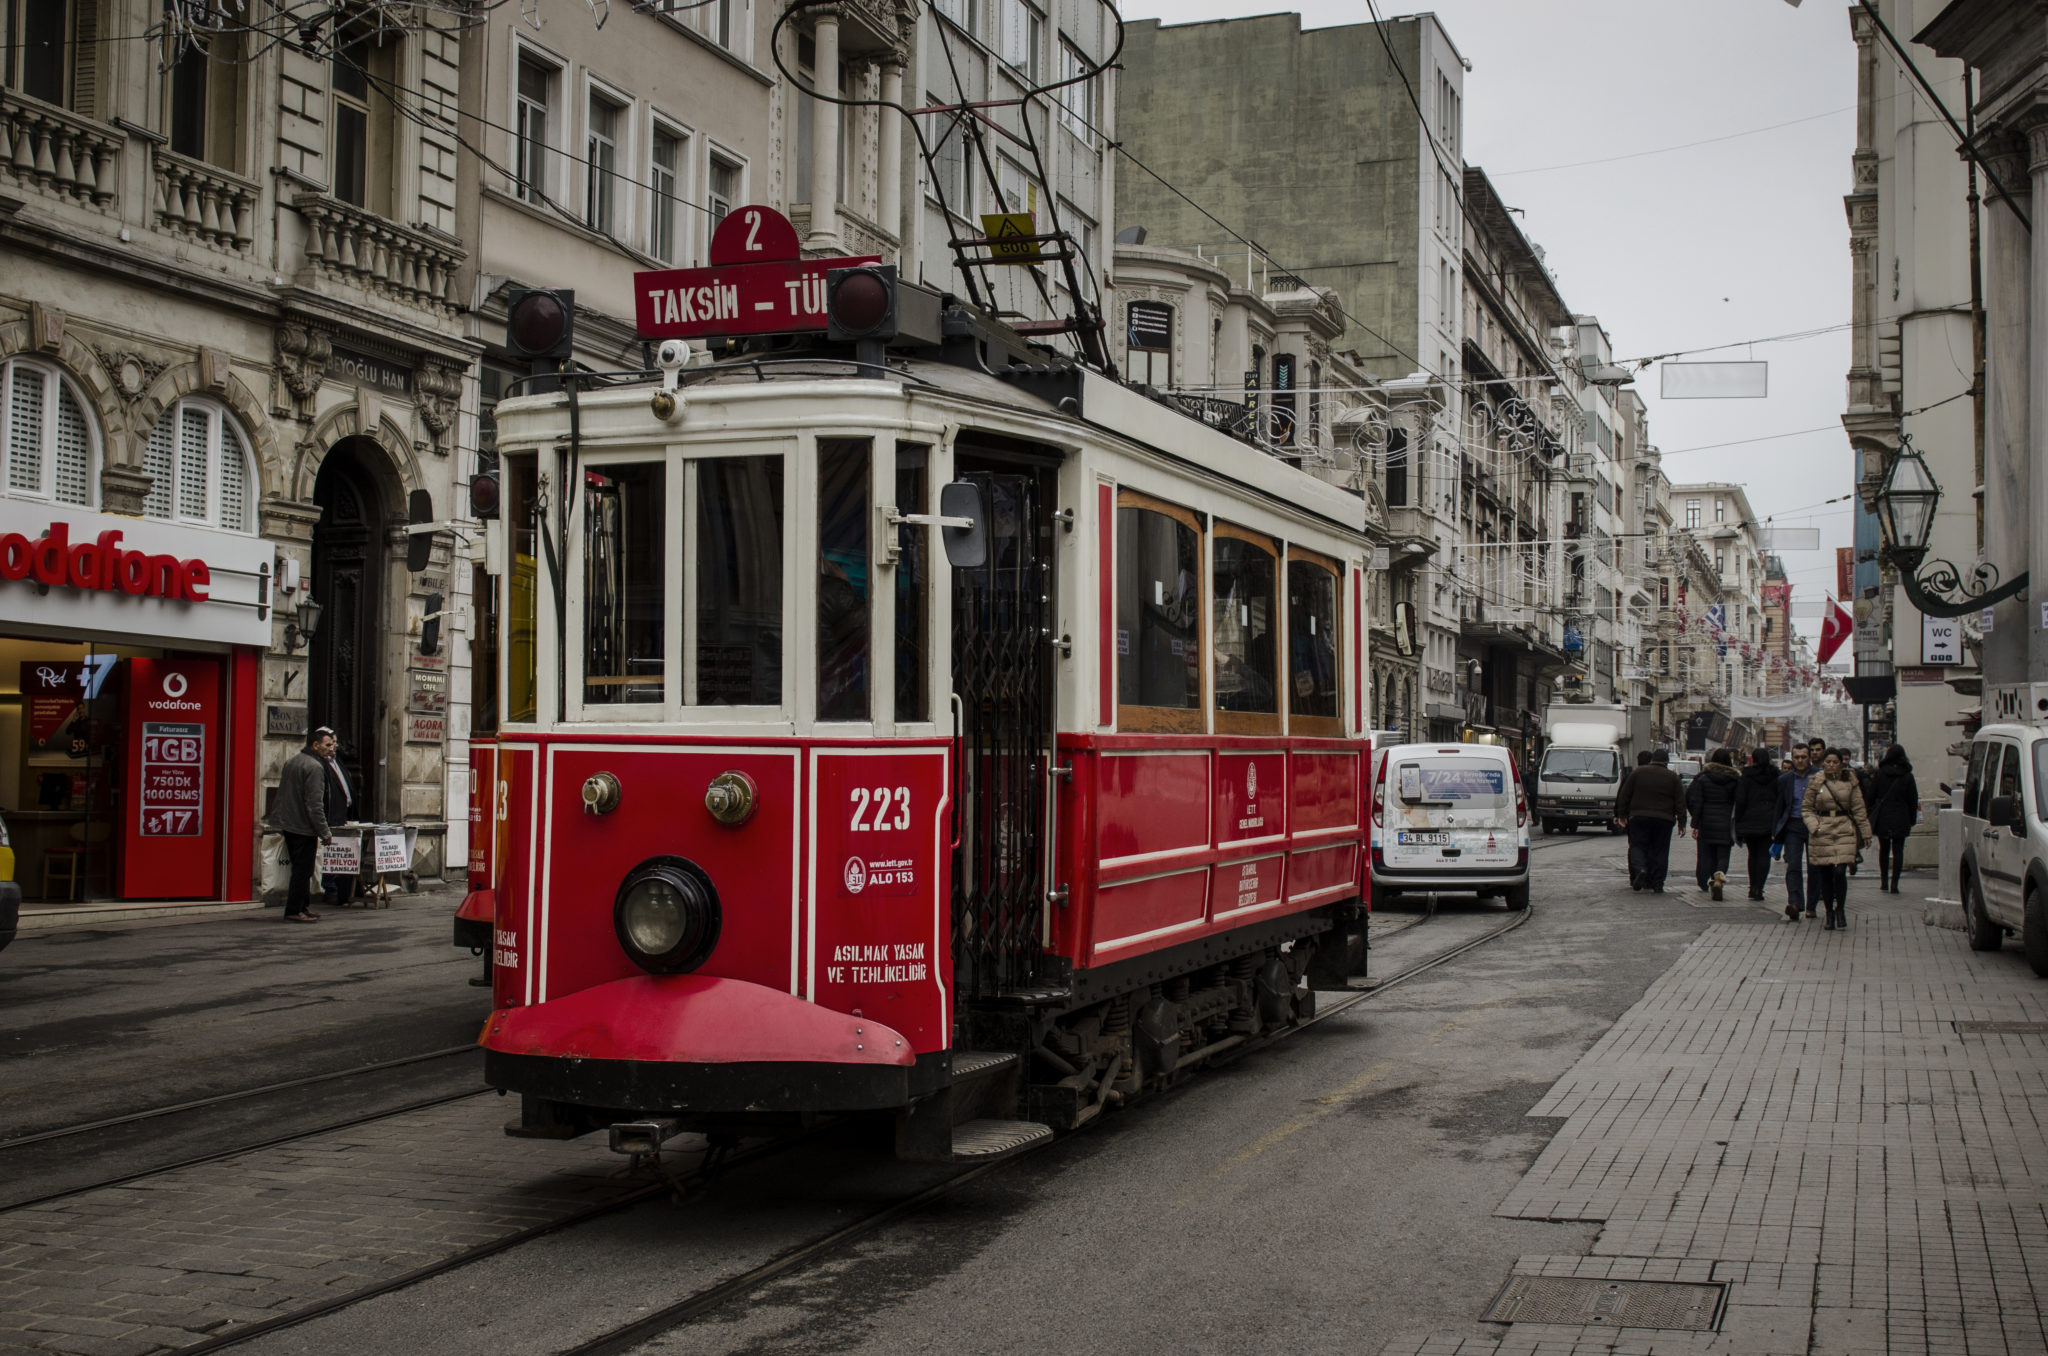 Tuerkei-Sehenswuerdigkeiten-Taksim-Tuennel-Straßenbahn